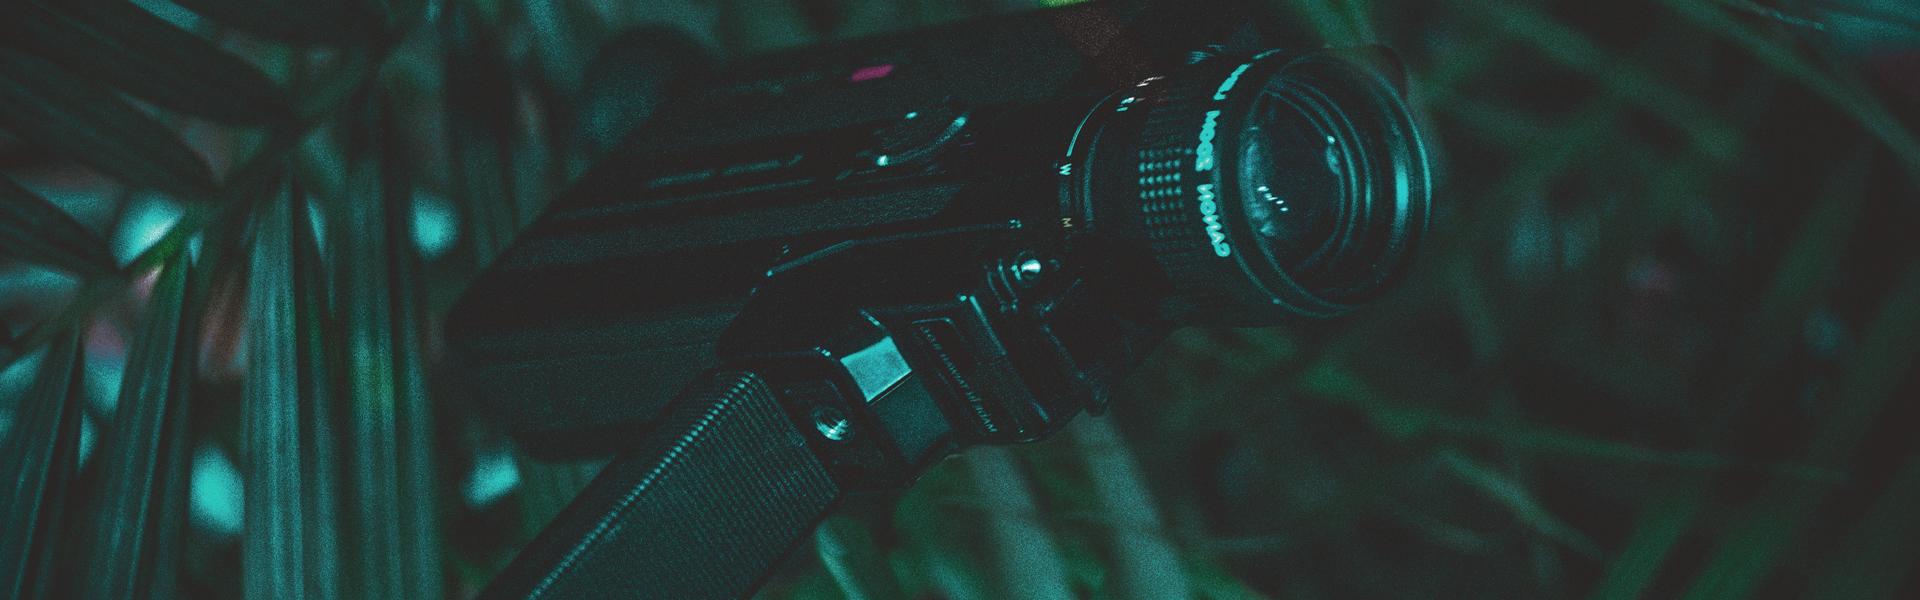 INICIACIÓN A LA CINEMATOGRAFÍA: MINUTO LUMIERE Y REVELADO EN SUPER 8MM